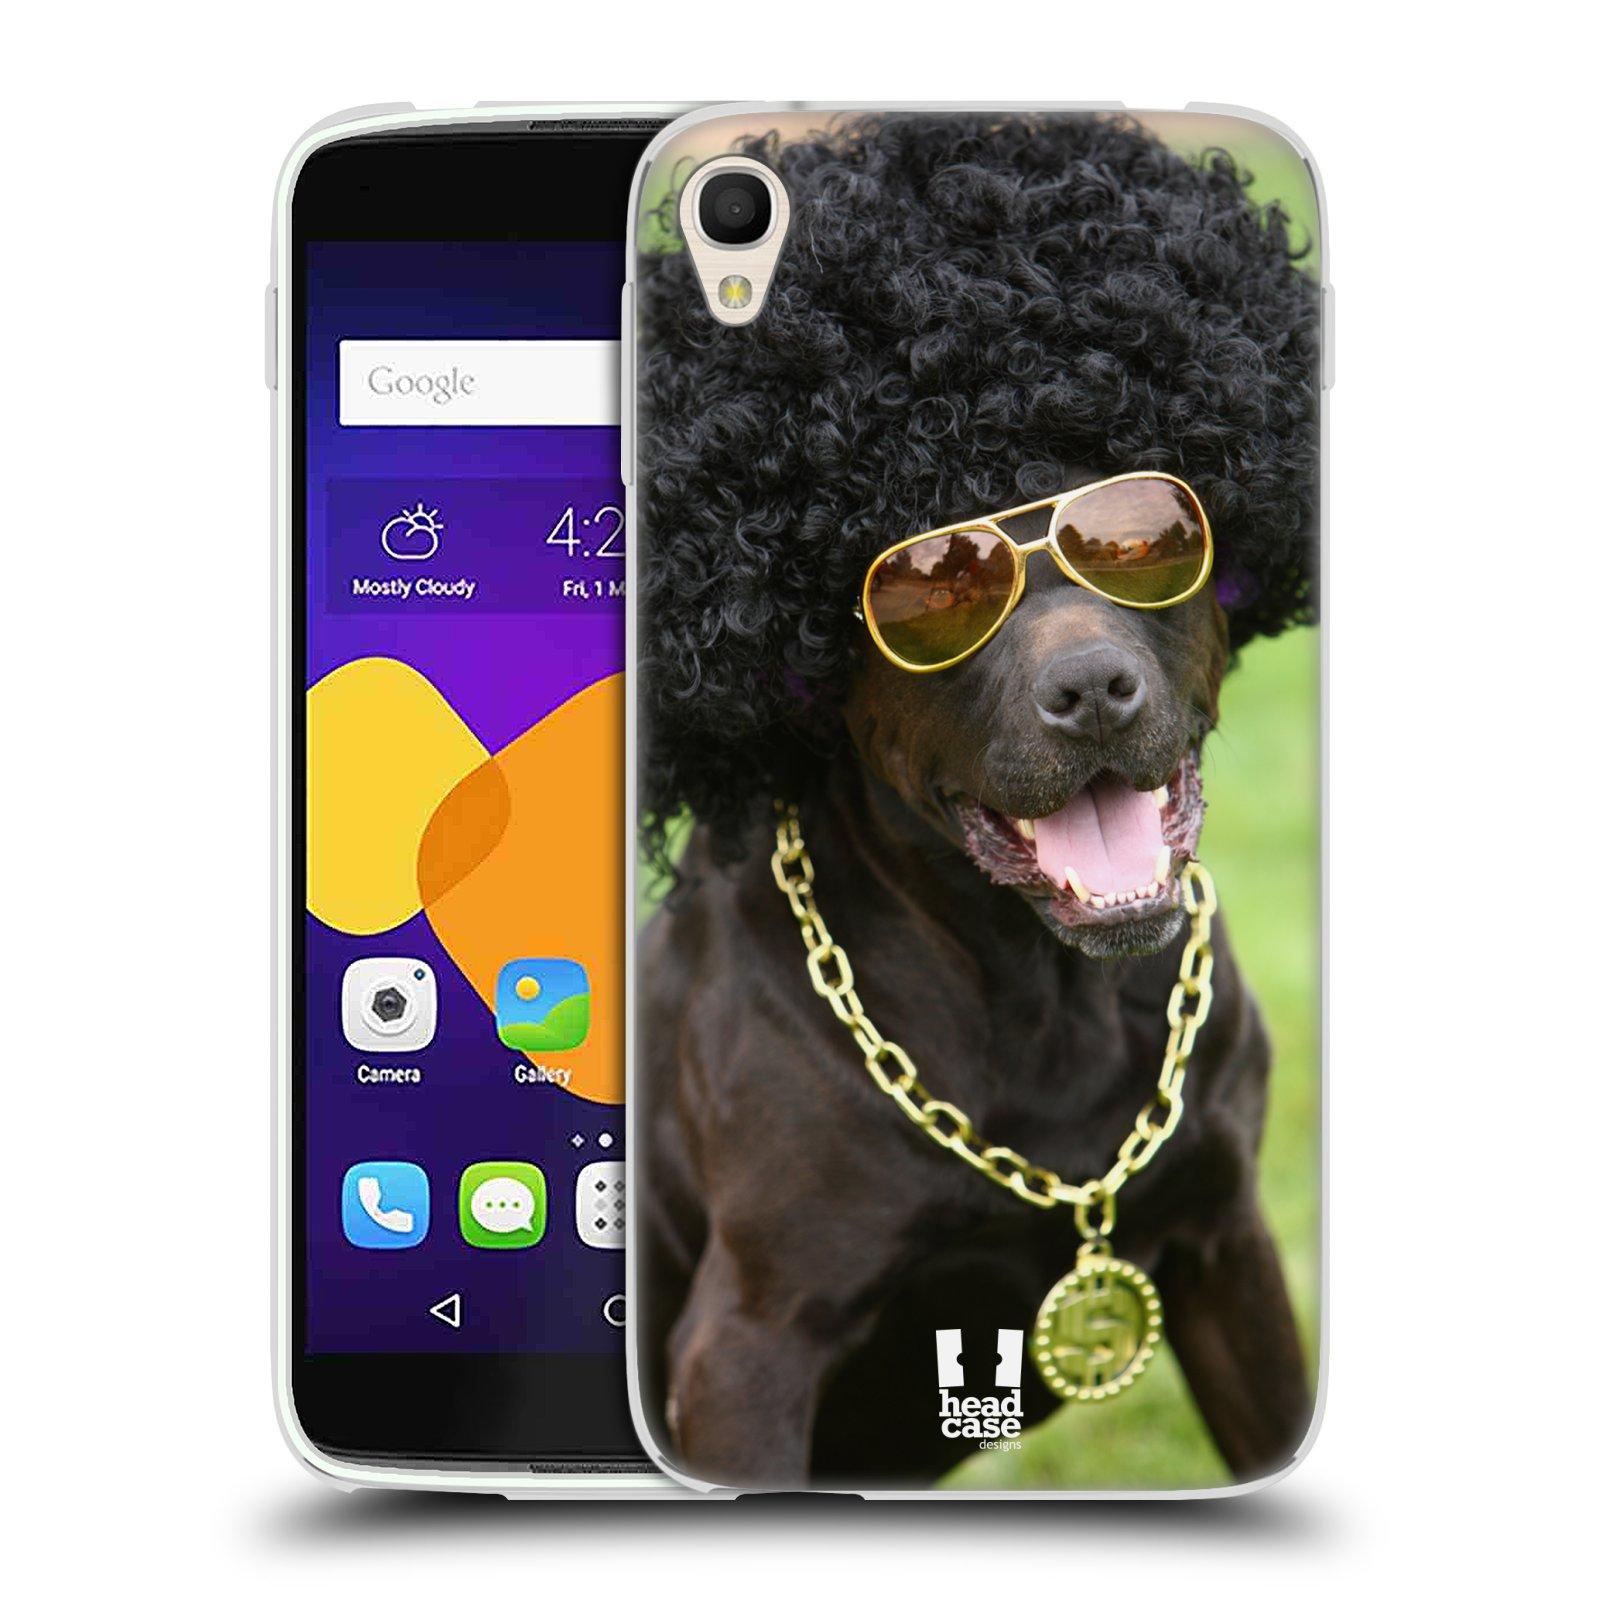 HEAD CASE silikonový obal na mobil Alcatel Idol 3 OT-6045Y (5.5) vzor Legrační zvířátka pejsek boháč